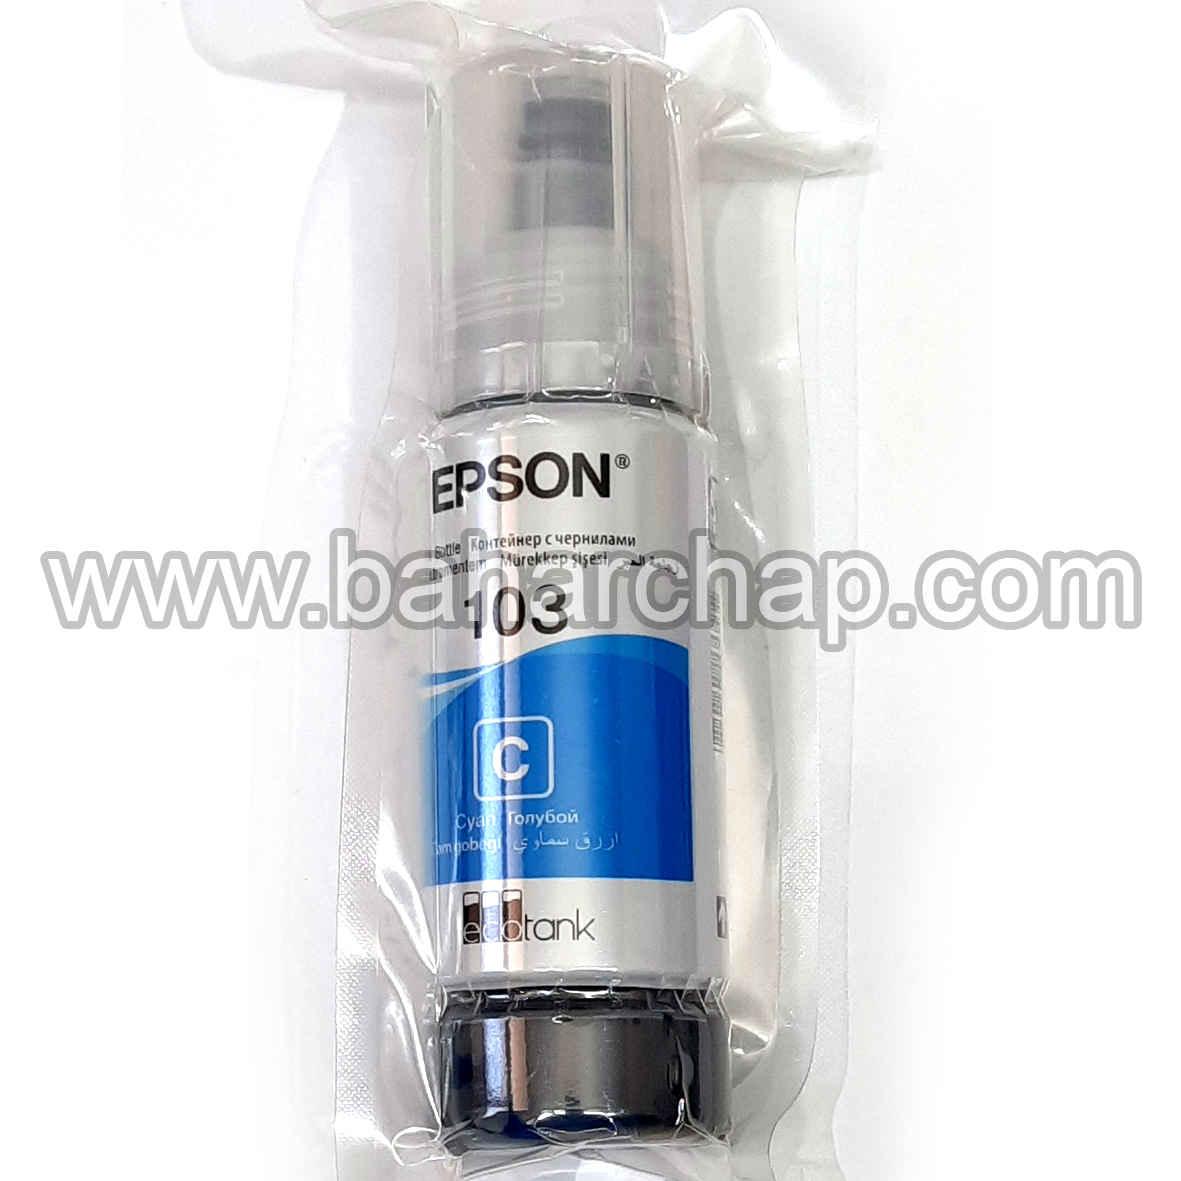 فروشگاه و خدمات اینترنتی بهارچاپ اصفهان-جوهر اصلی اپسون 4 رنگ سری L جدید (آبی)-EPSON - Original Ink CYAN